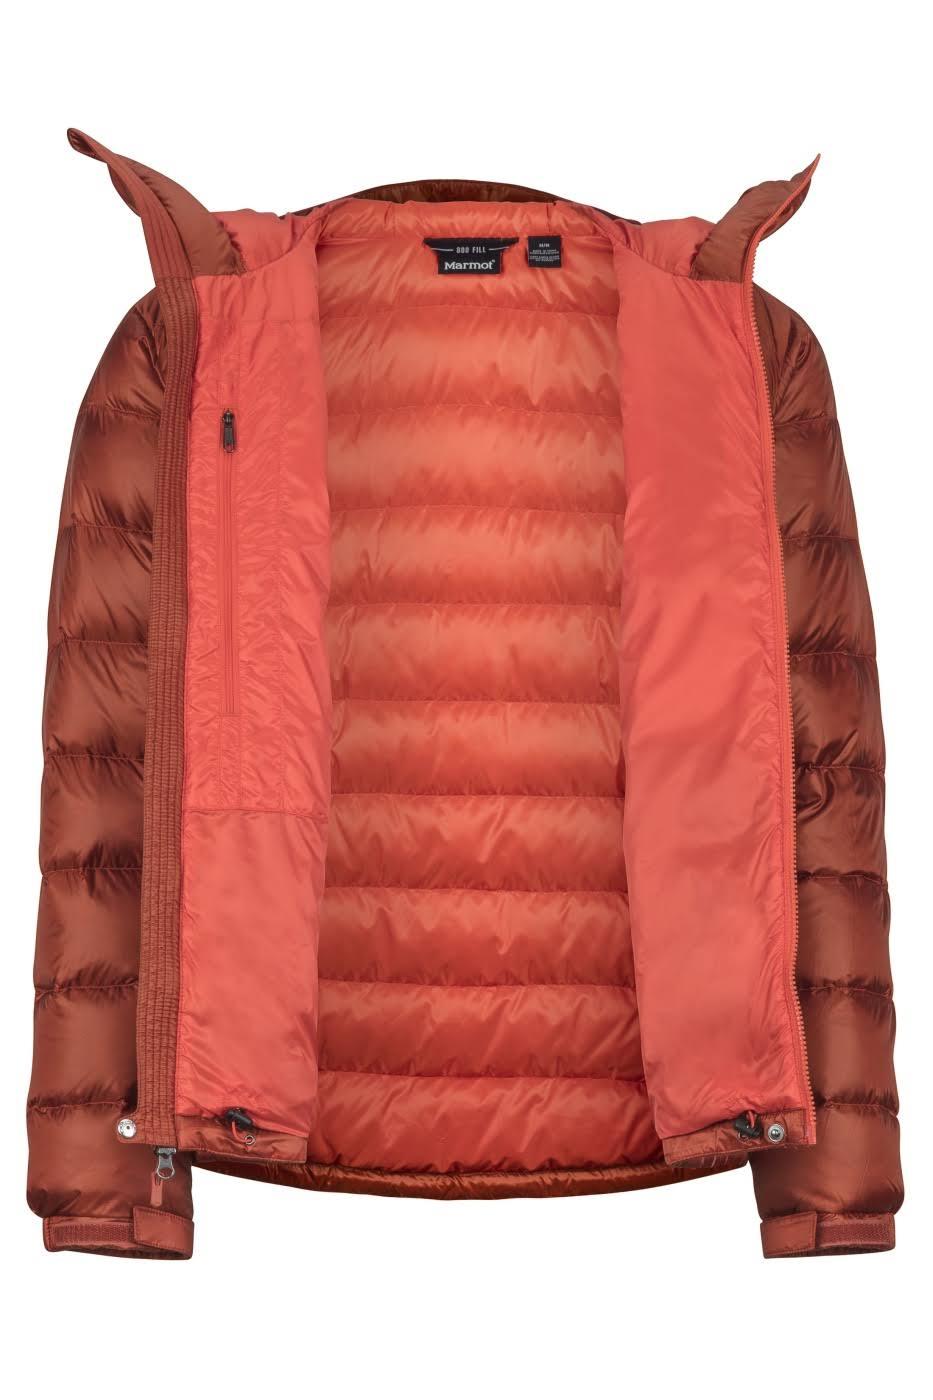 Herren Rust Ama Marmot Large Extra Dark Jacket Dablam gttZx7qv